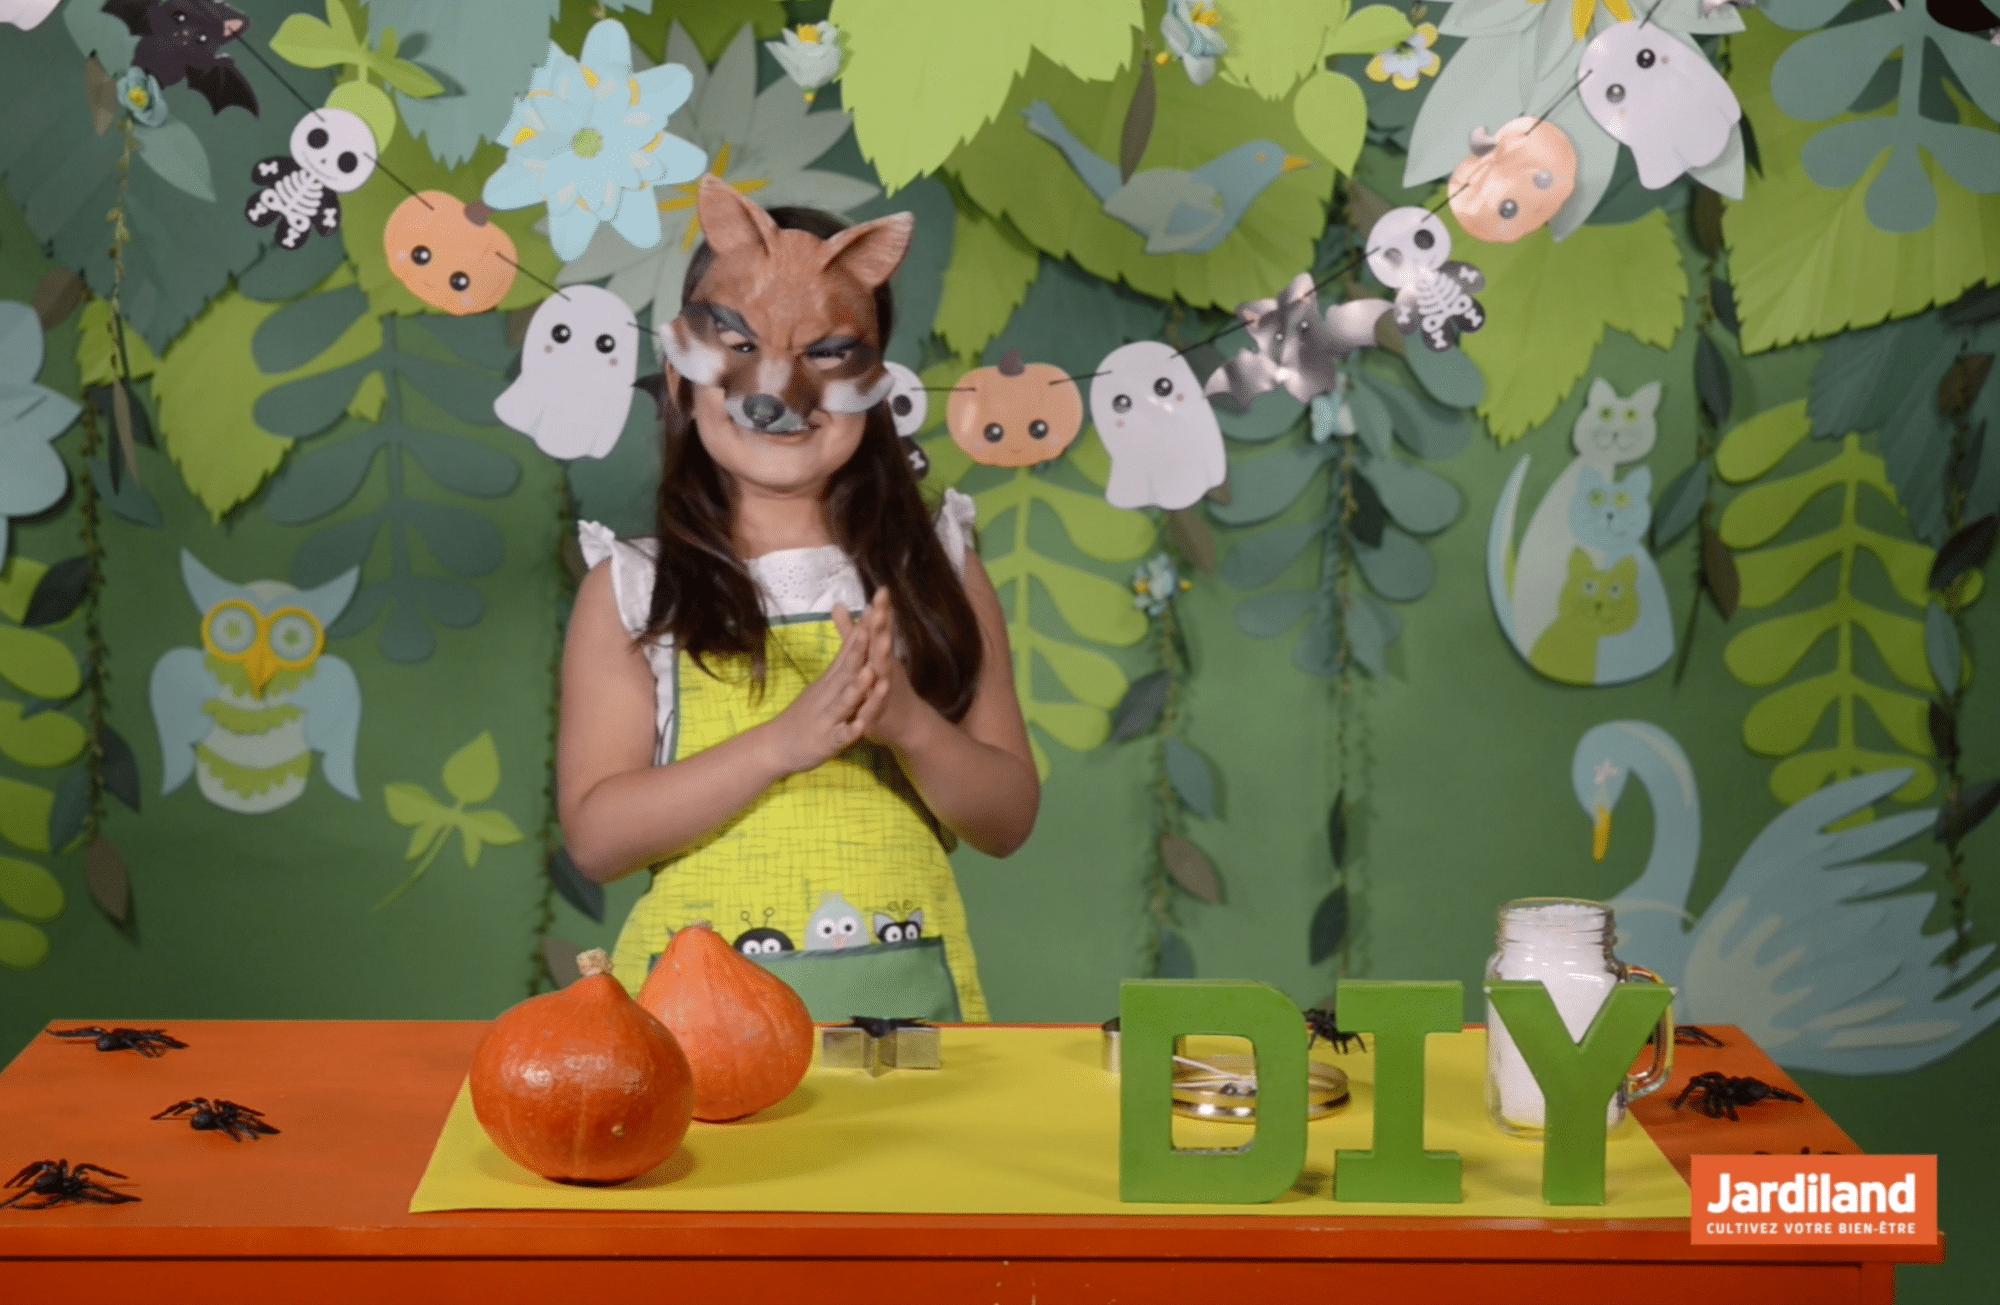 #DIY : Fabriquer des bougeoirs dans des potimarrons pour Halloween